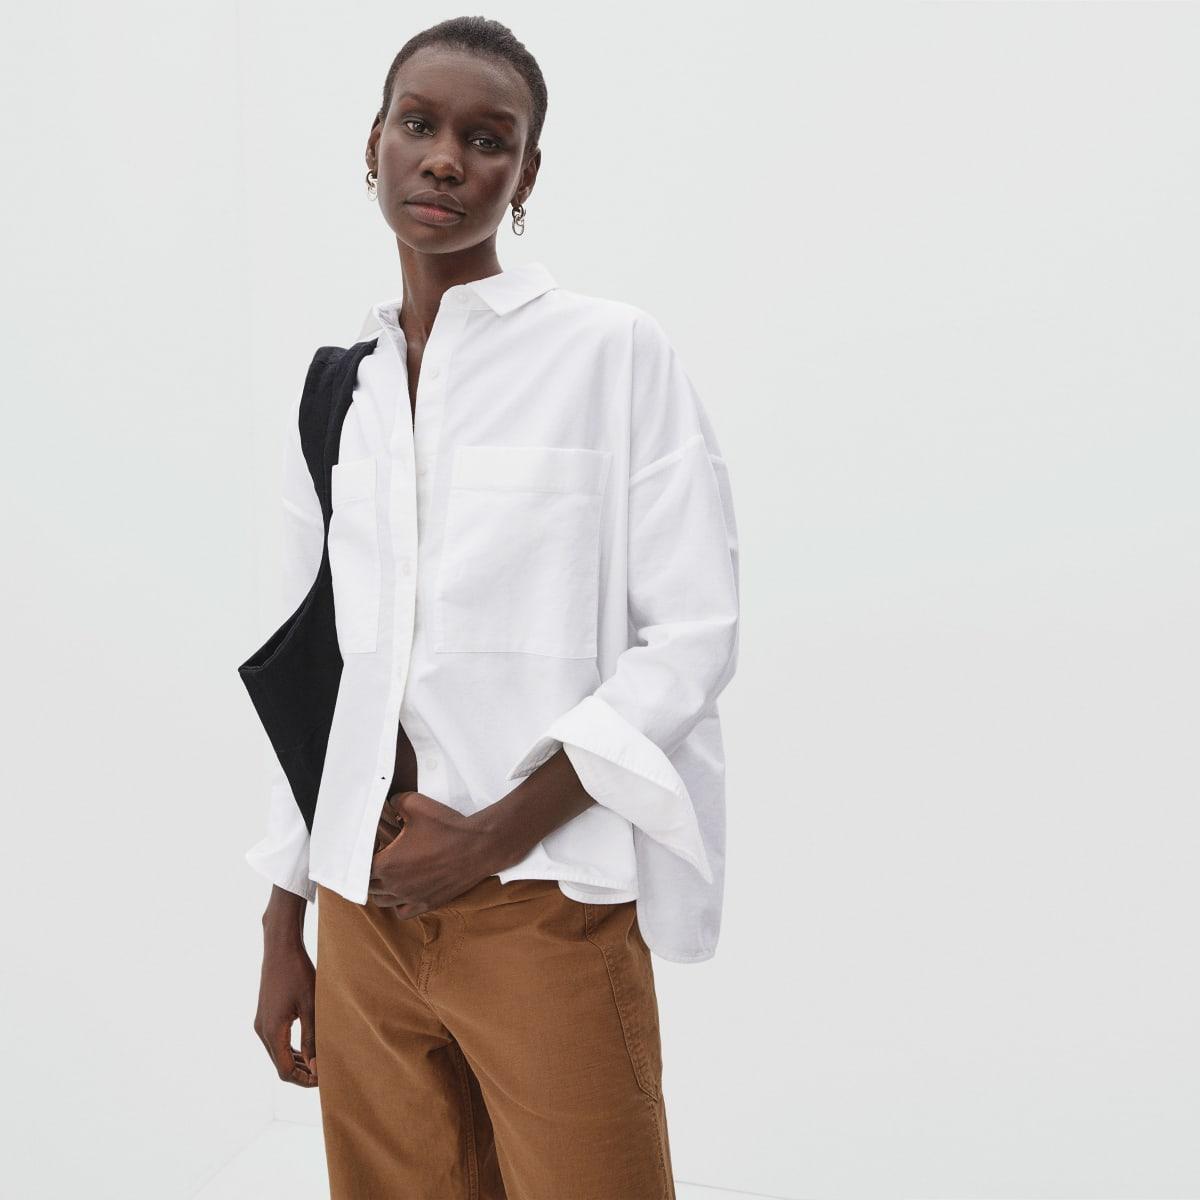 EVERLANE 穿搭分享,經典實穿的牛仔褲,重視透明供應鍊、勞工友善與環境永續